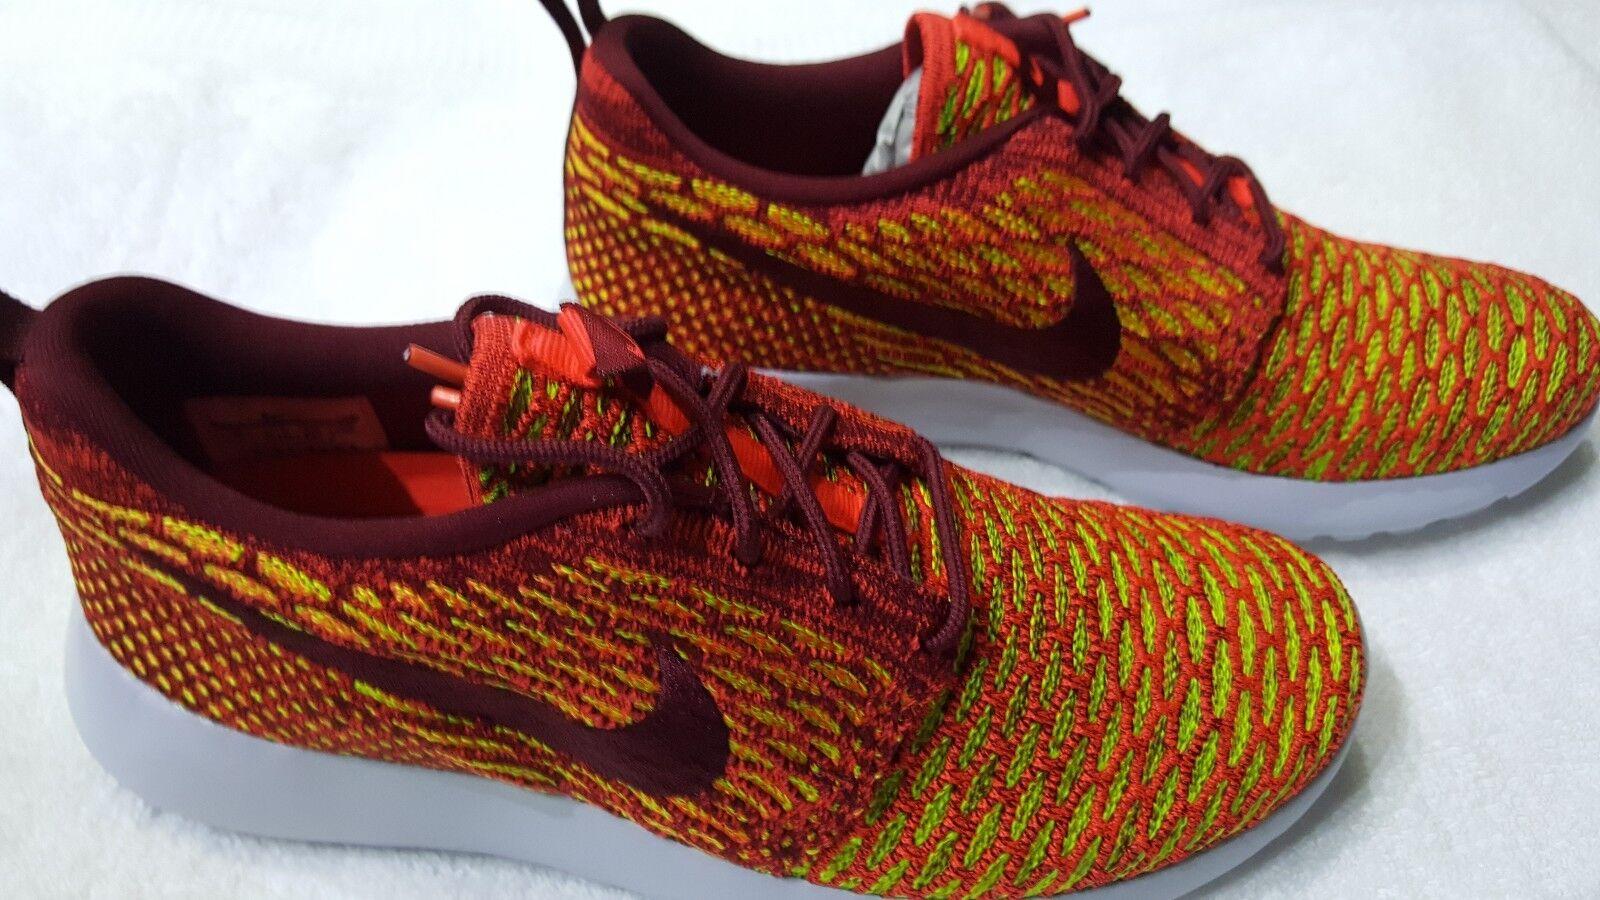 Women's Nike Roshe one Flyknit crimson red size 8